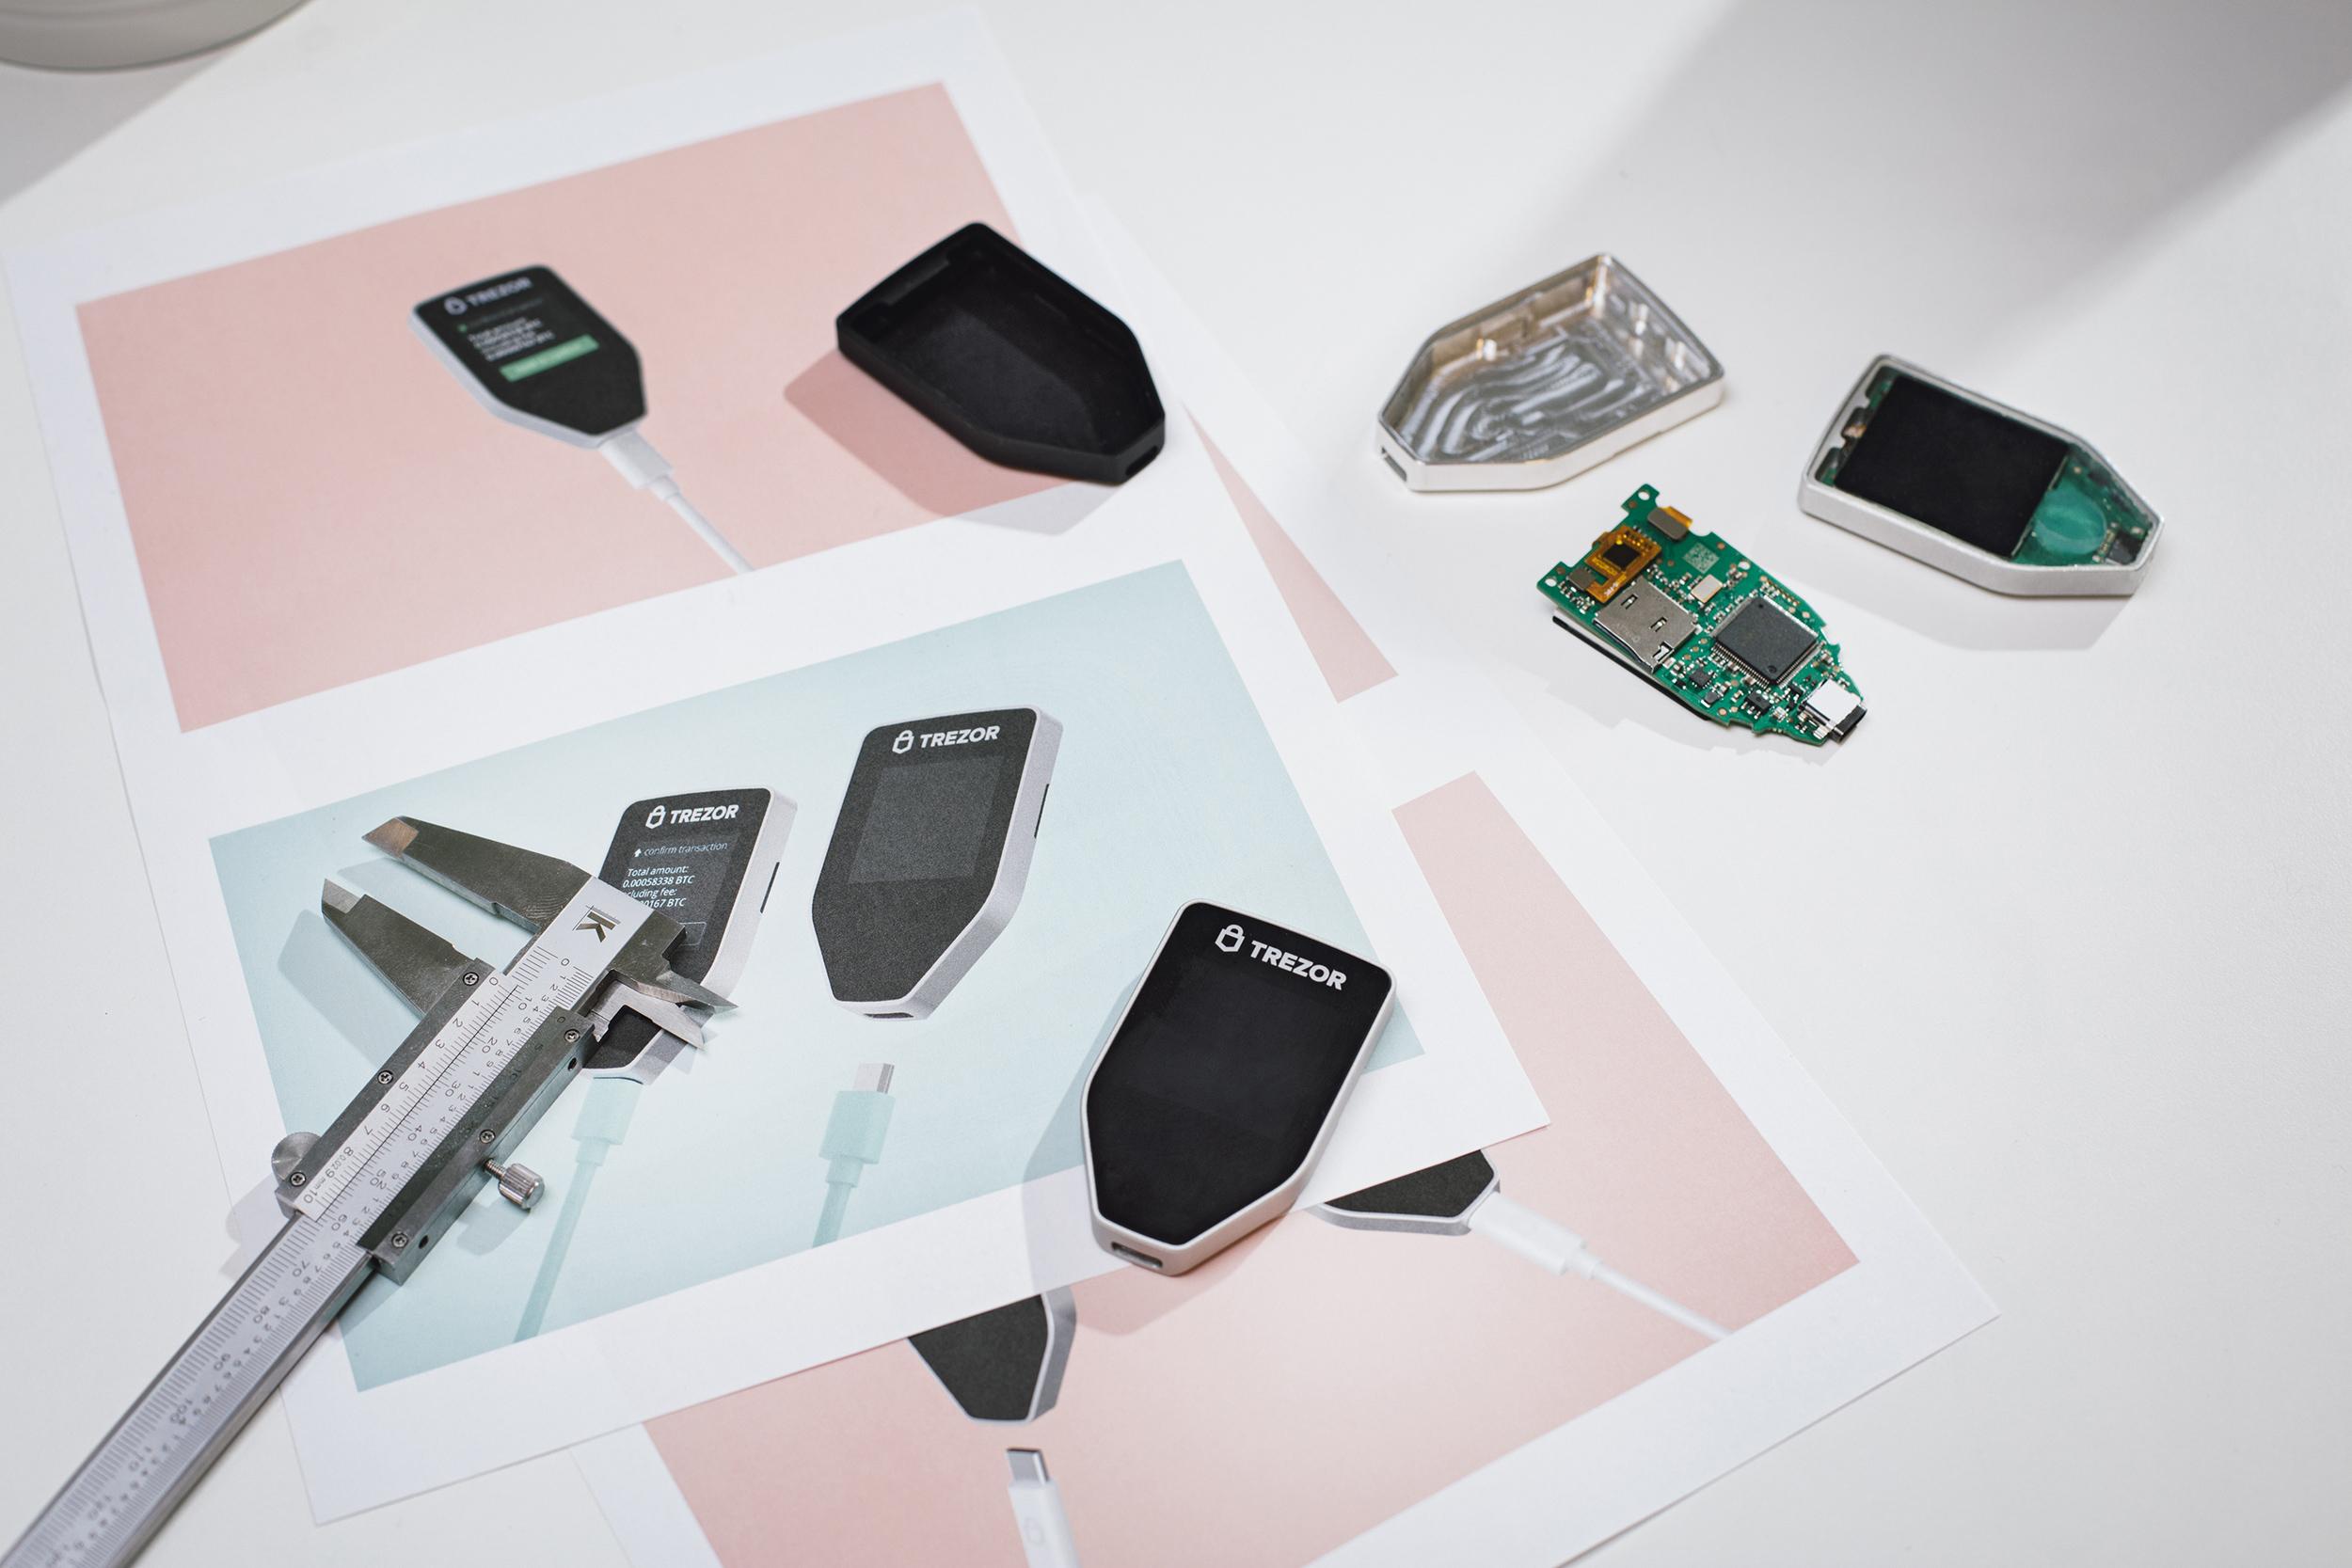 TREZOR project prototypes